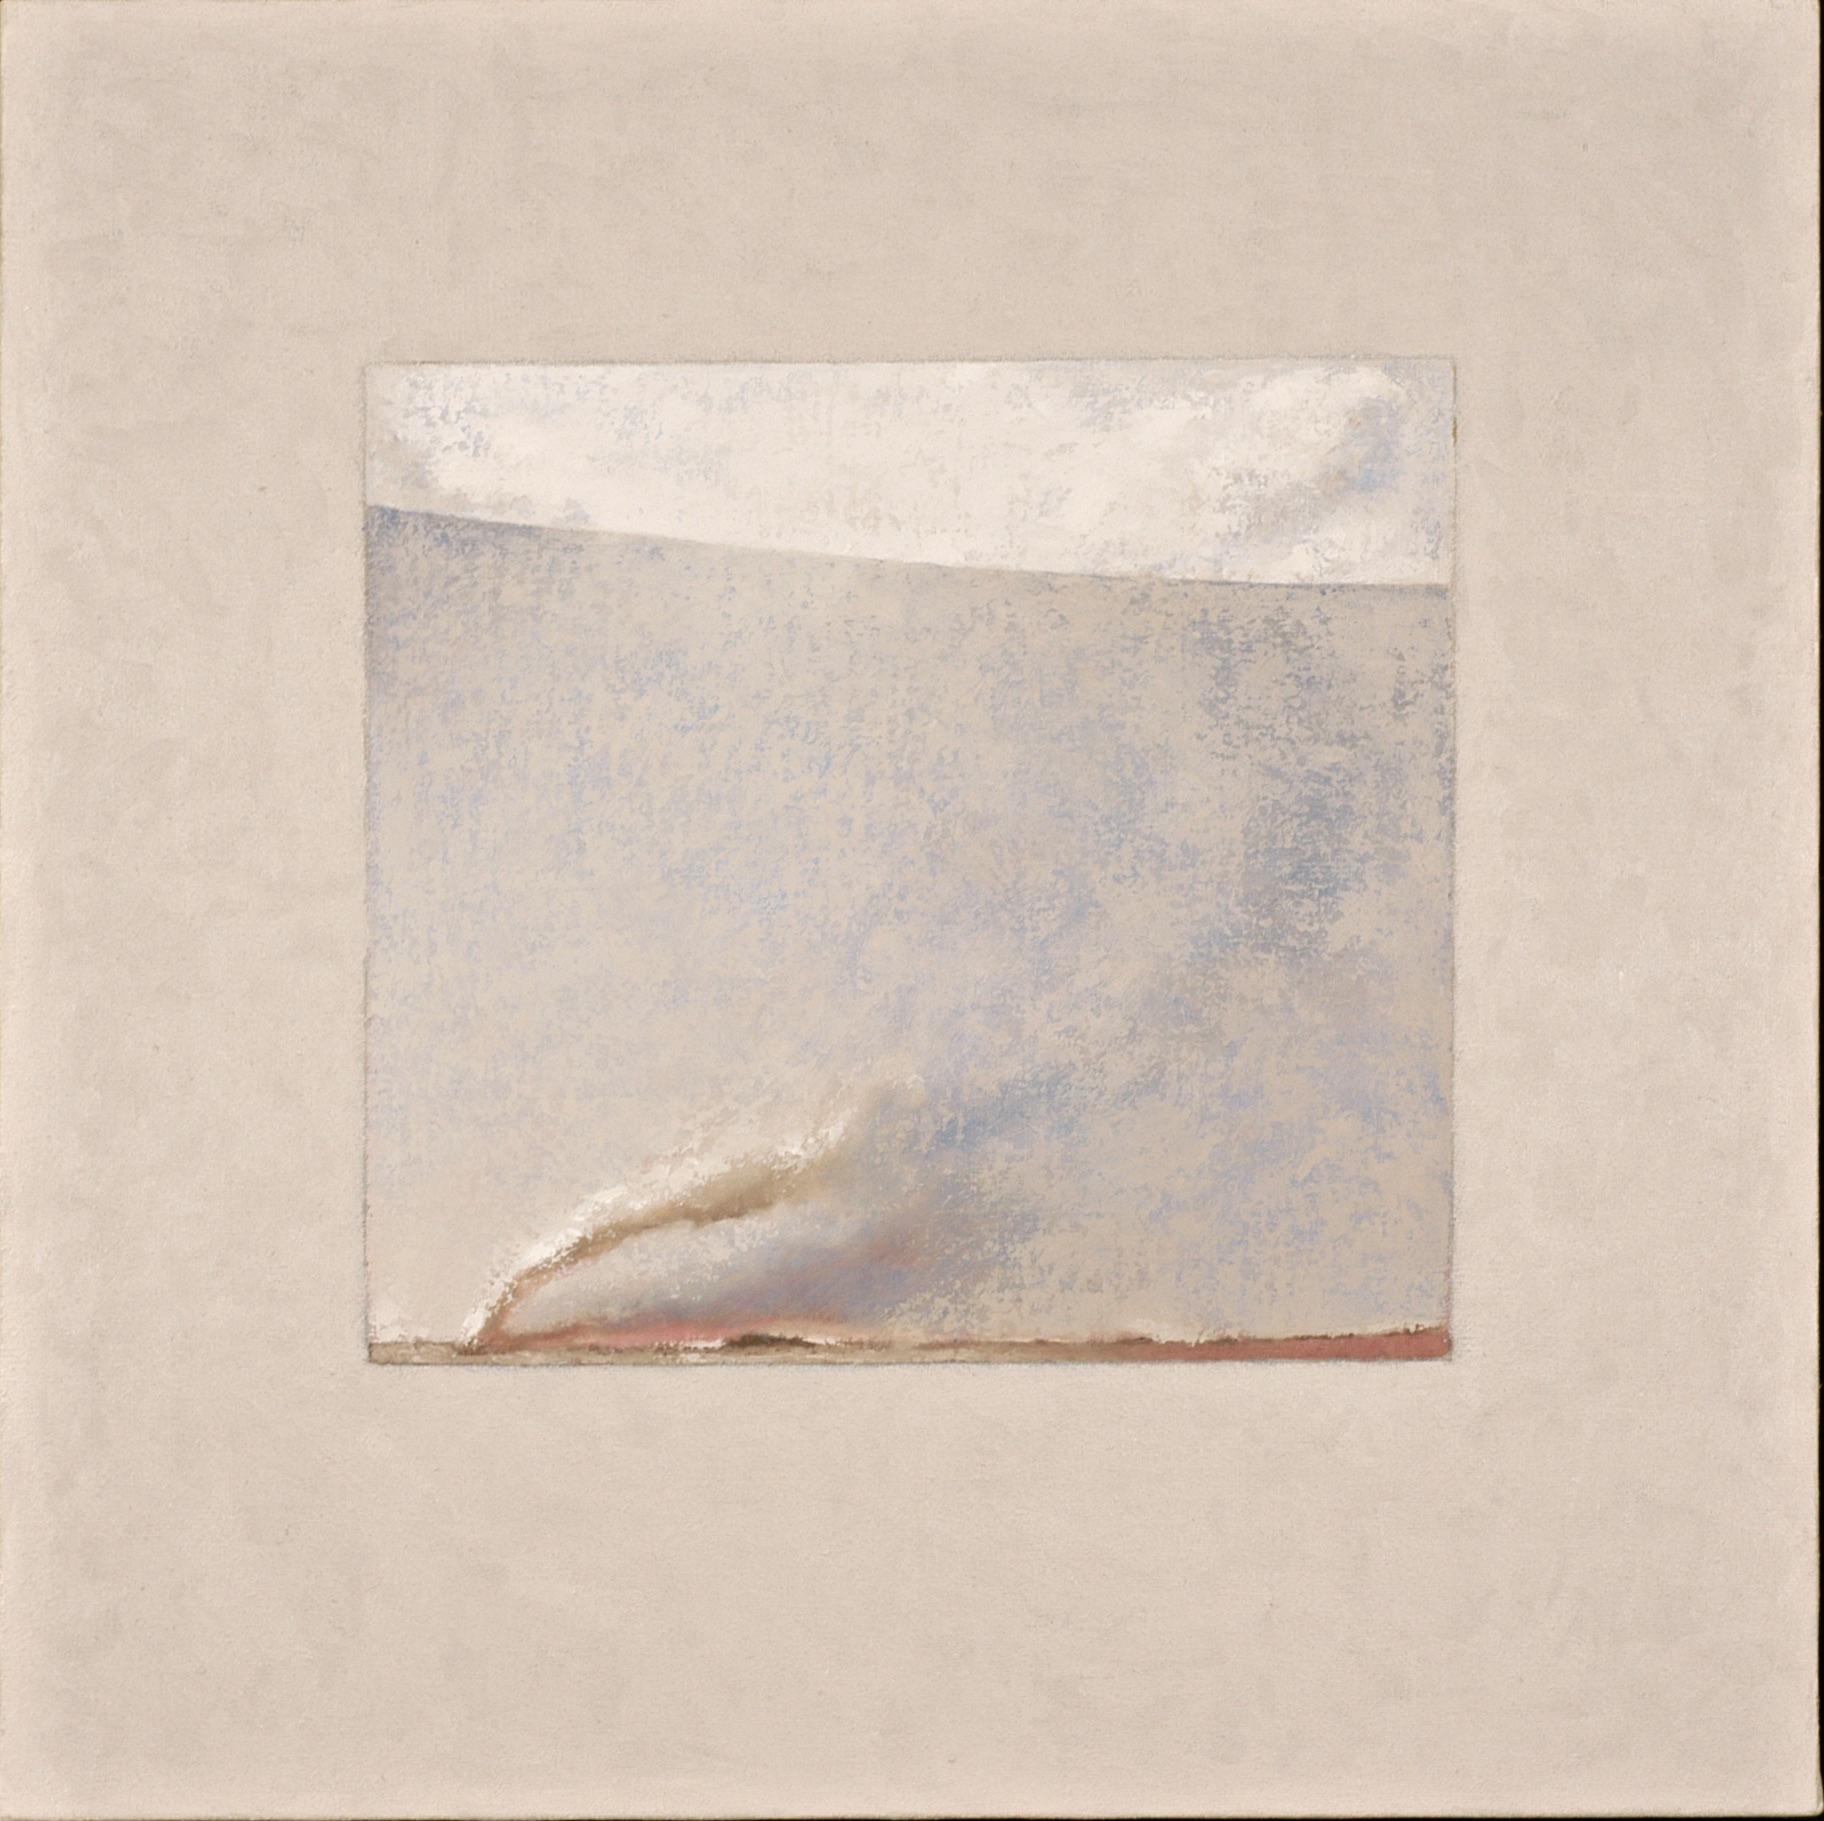 Mare-Fumo, 2003